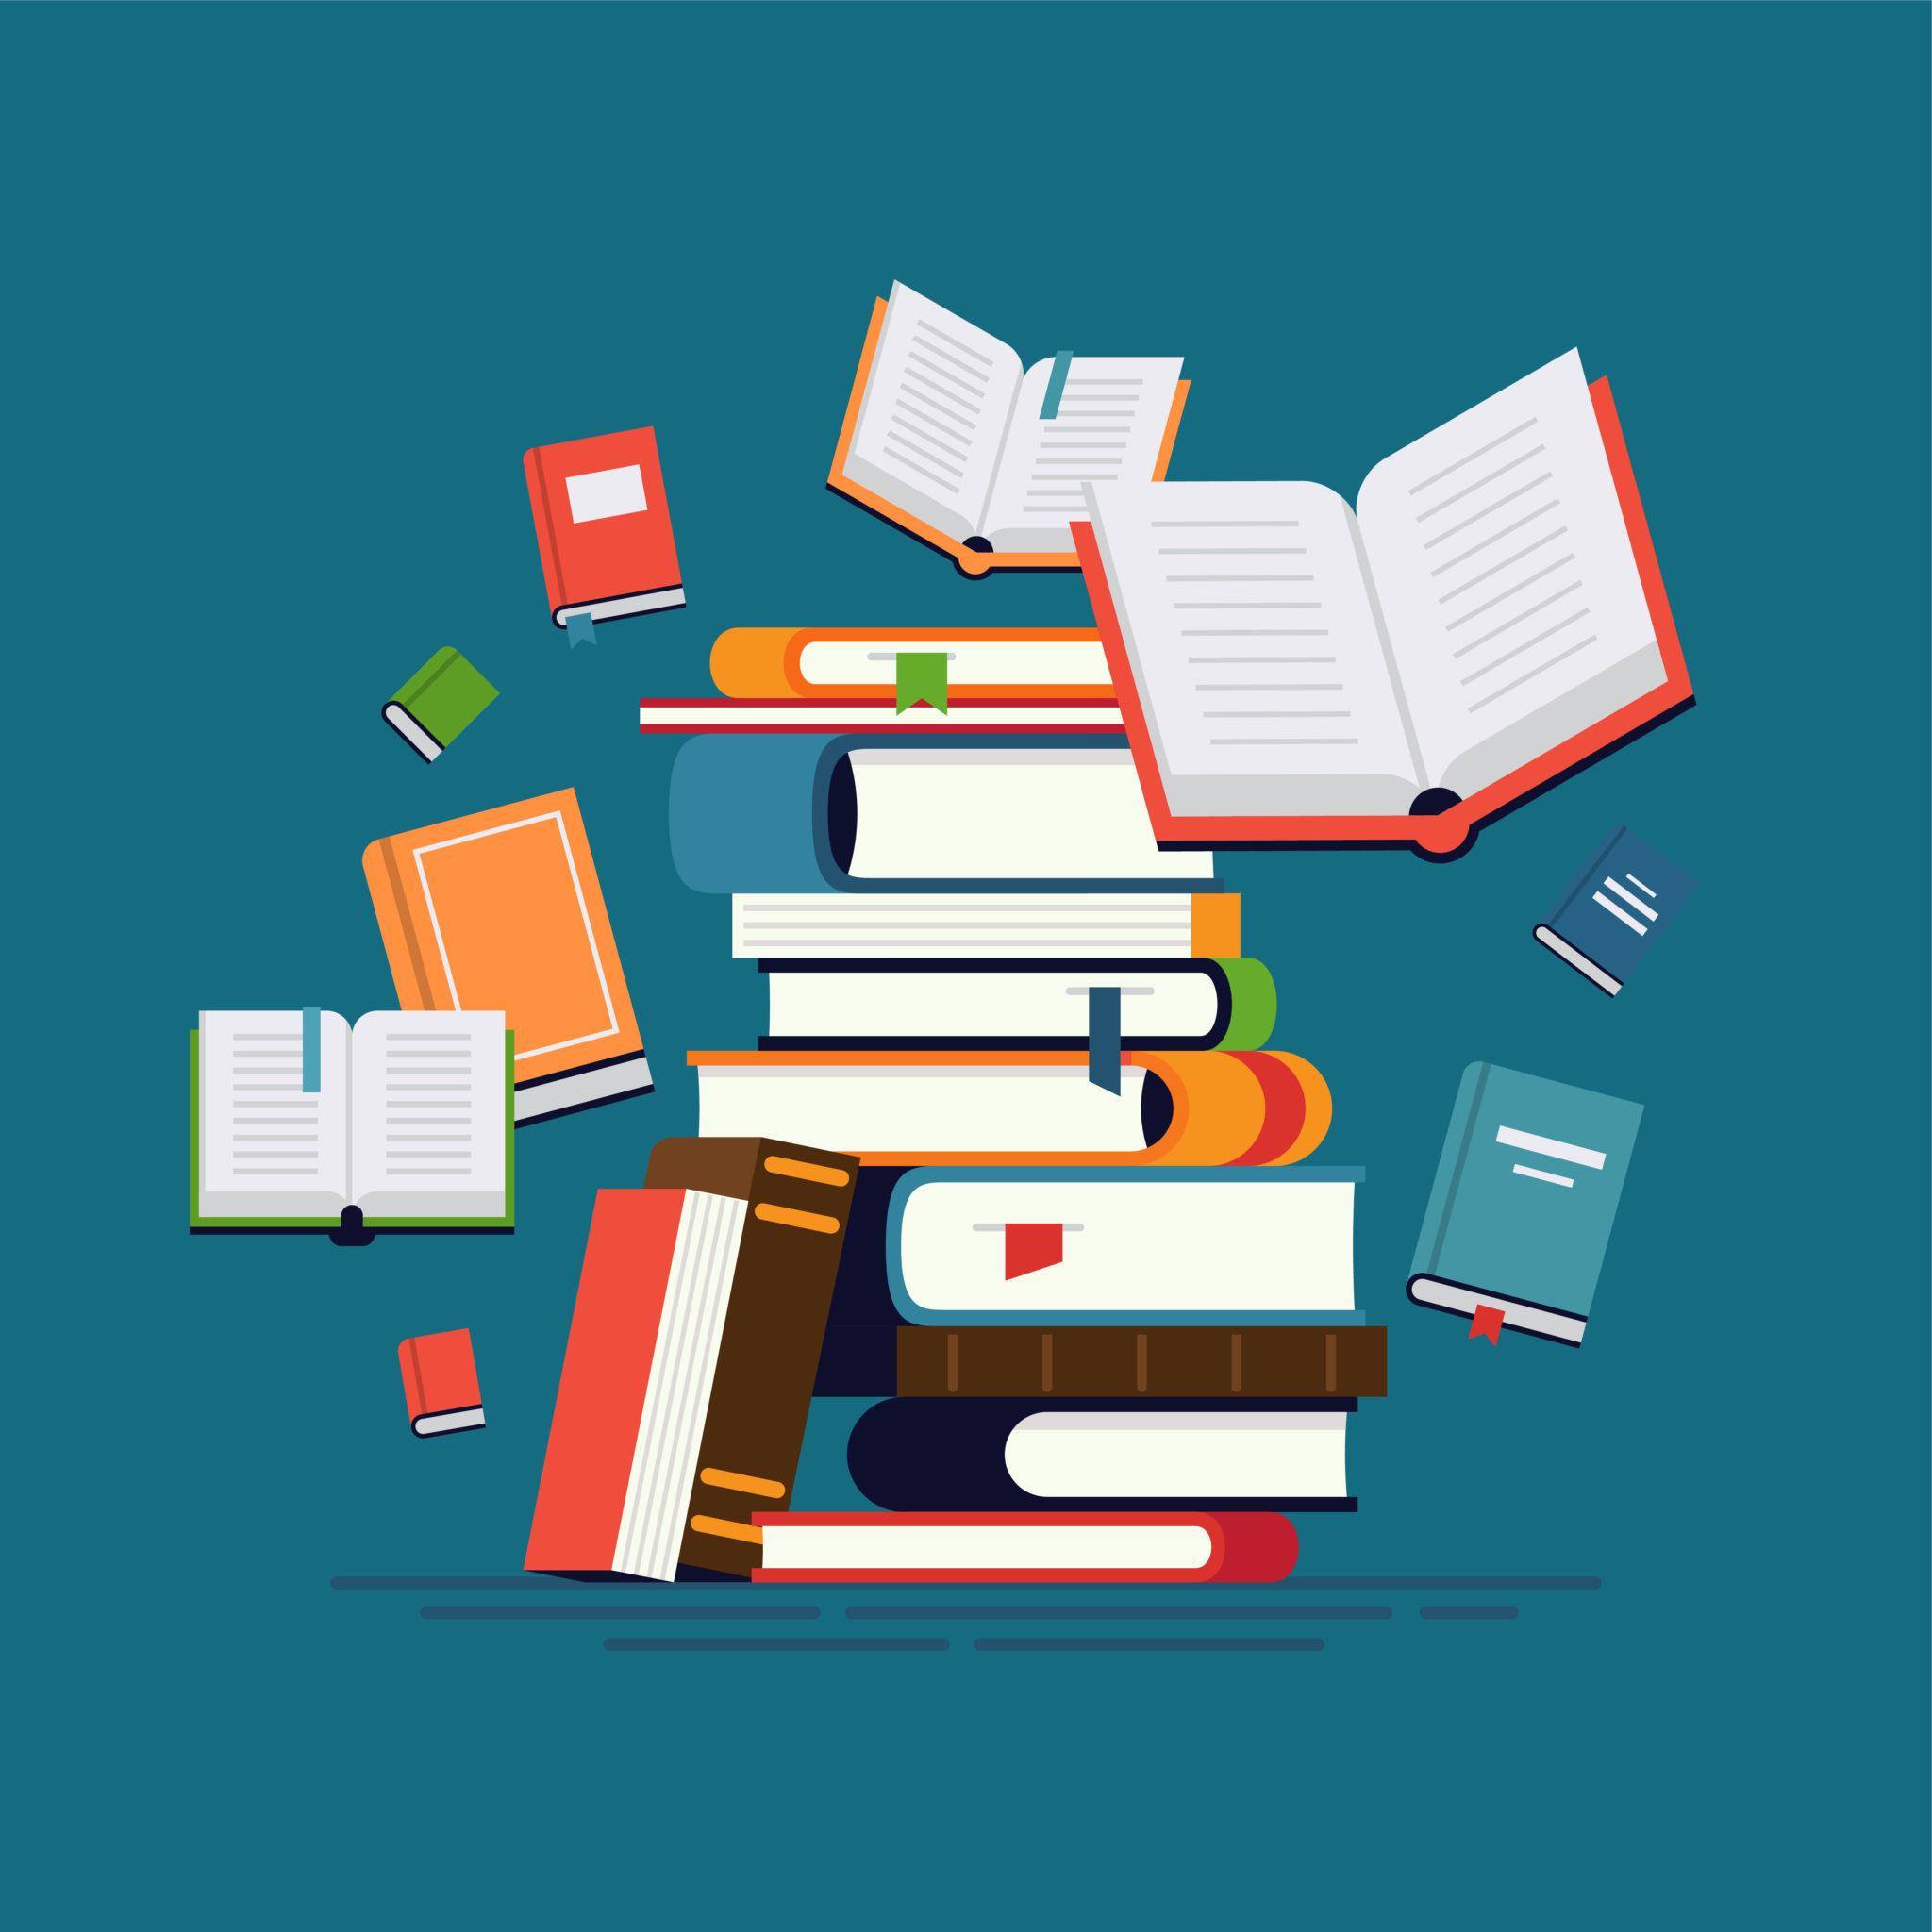 Books in a Series